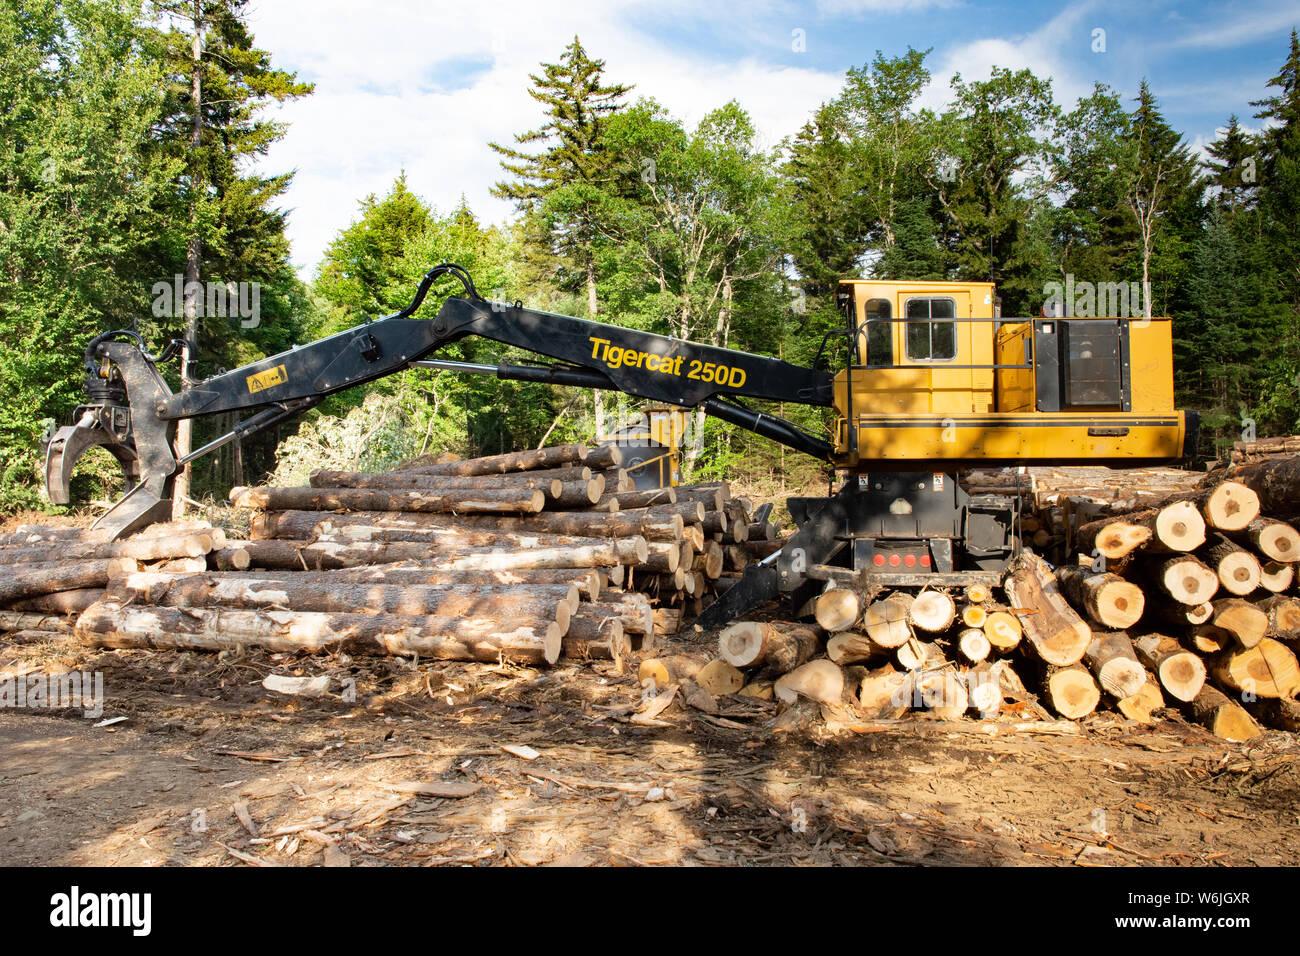 Log Saw Stock Photos & Log Saw Stock Images - Alamy